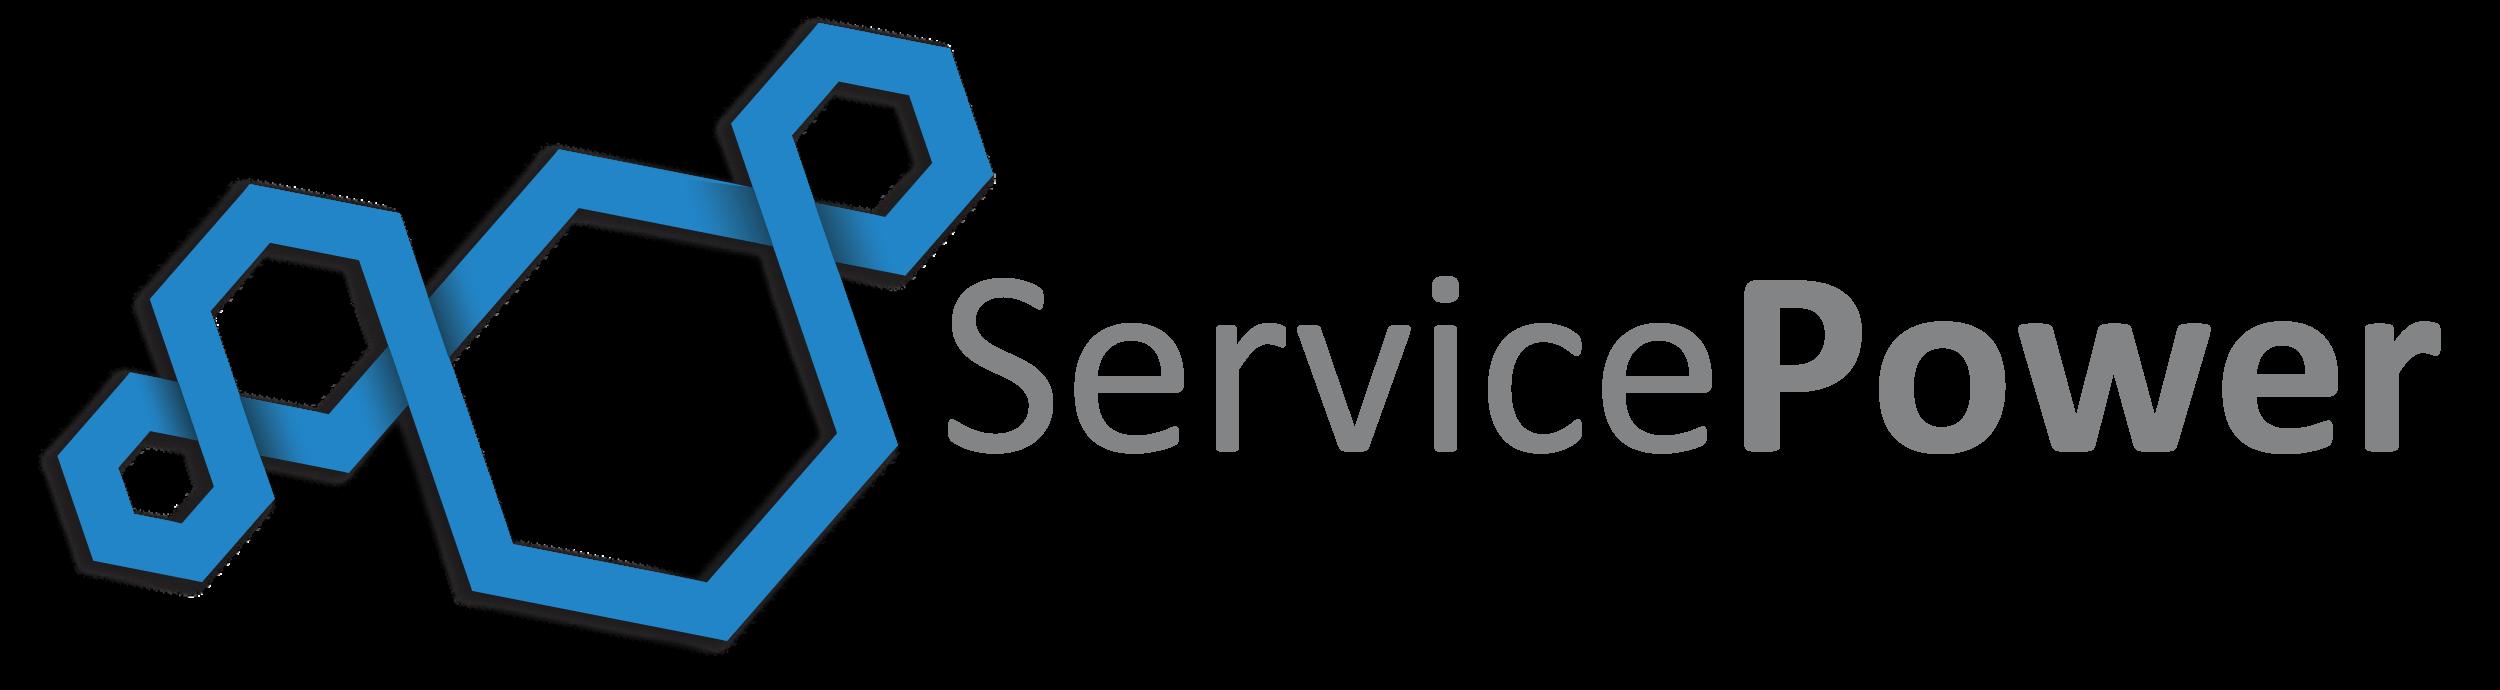 ServicePowerLogo 2017 August